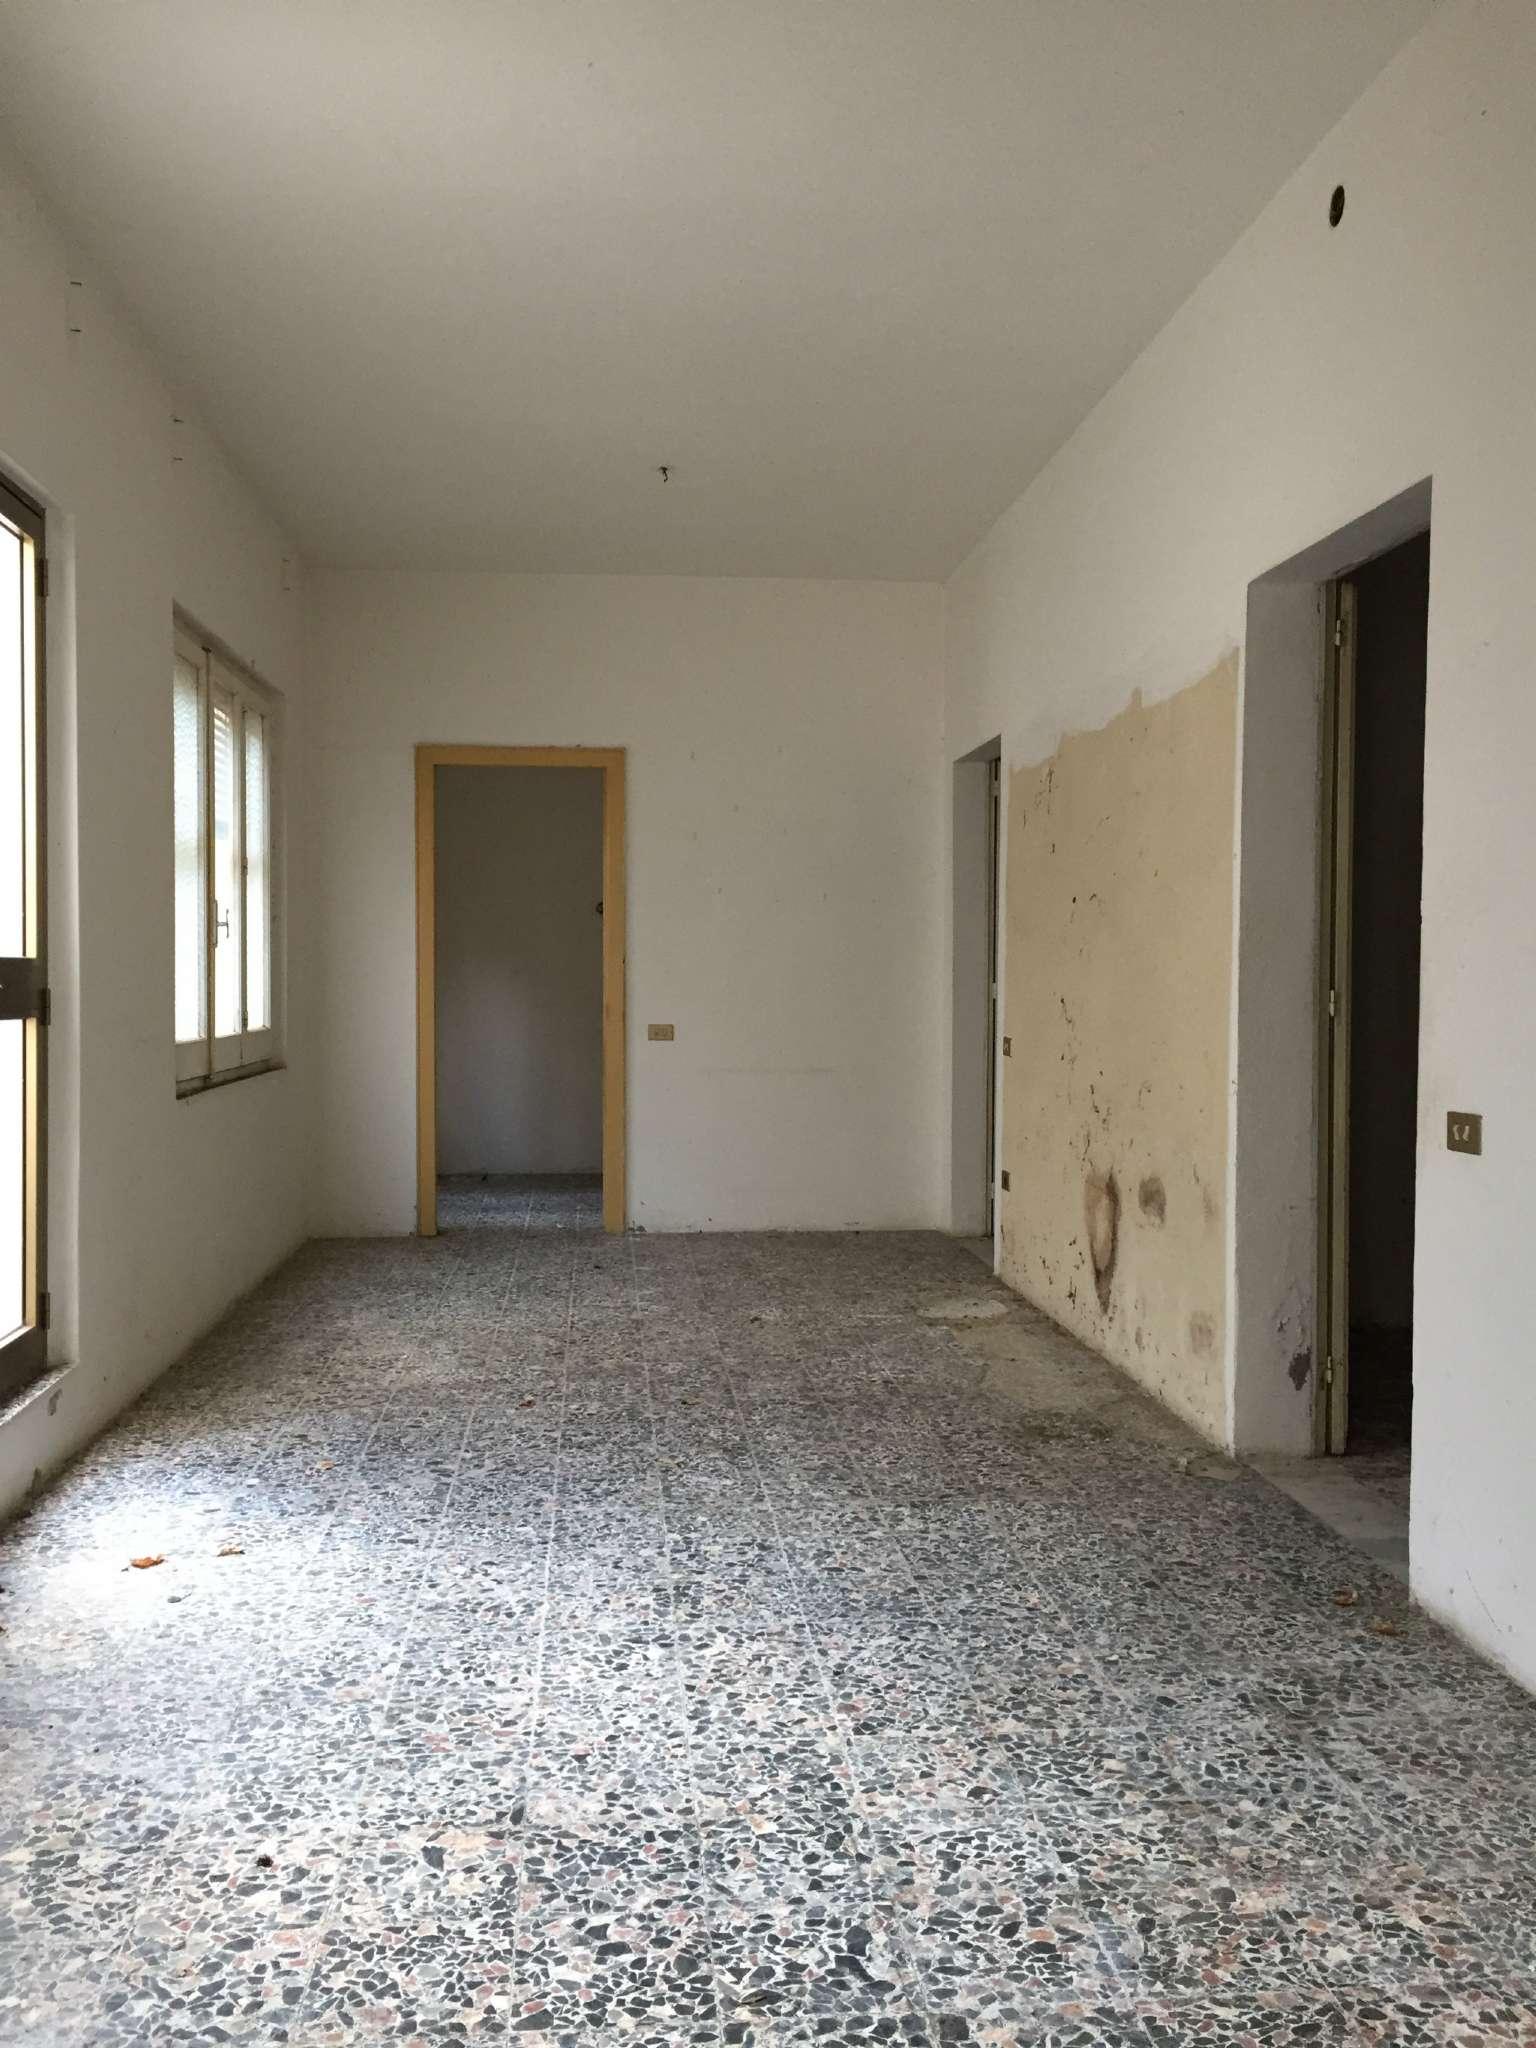 Soluzione Indipendente in vendita a Sinnai, 5 locali, prezzo € 115.000 | Cambio Casa.it